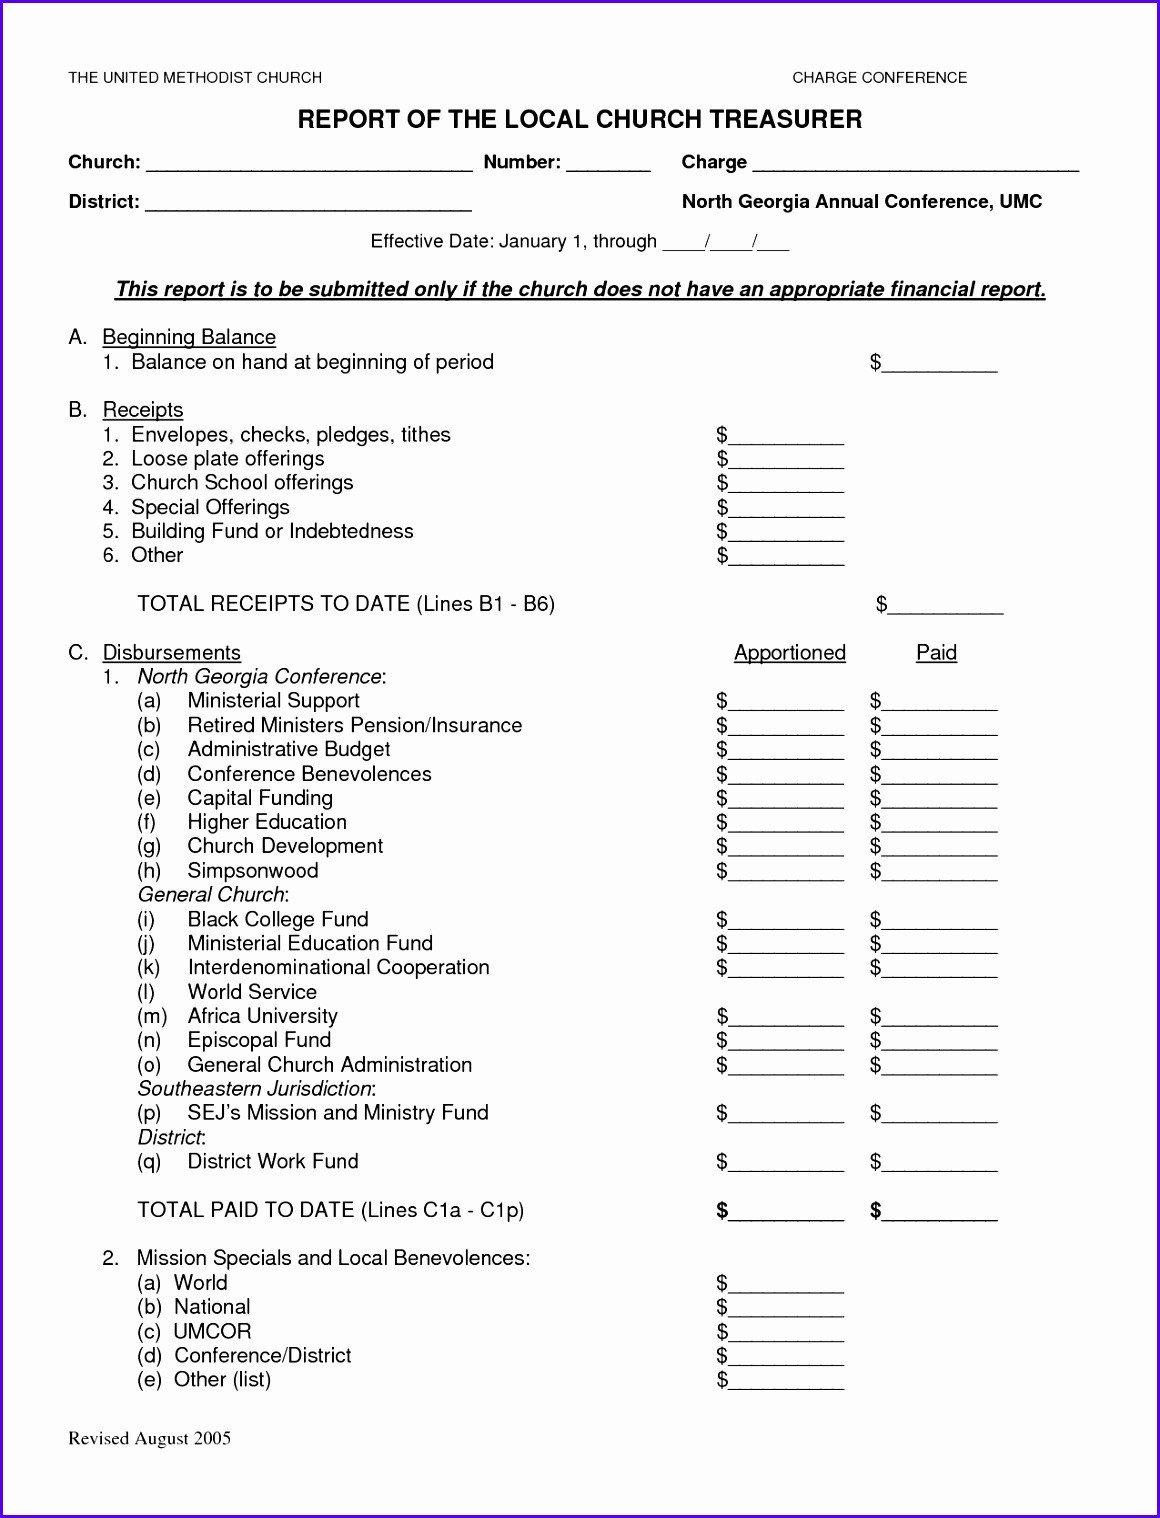 Treasurer Report Template Excel 8 Treasurer Report Template Excel Exceltemplates